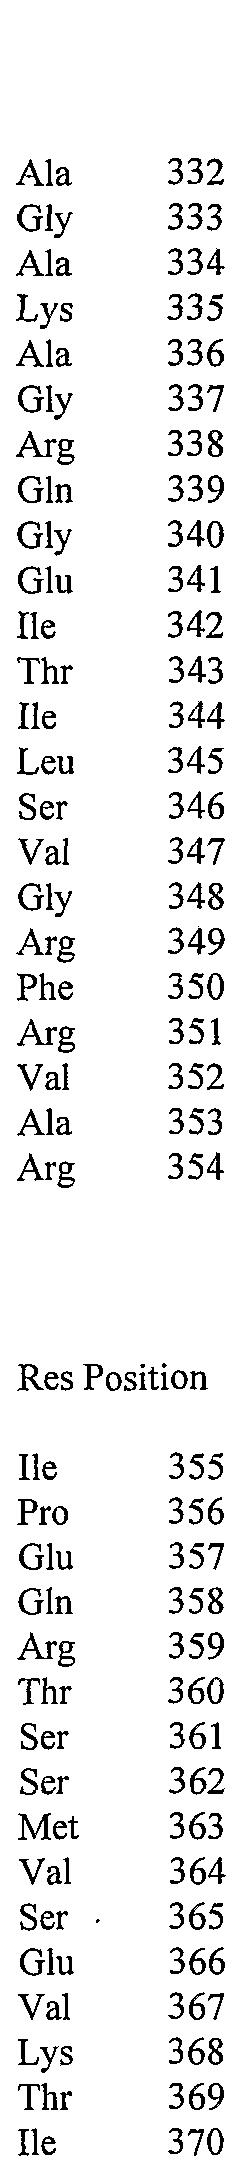 Wilms ELEKTRODE LINKS VAL-6 UND RU 360 BIS MODELL 80//81